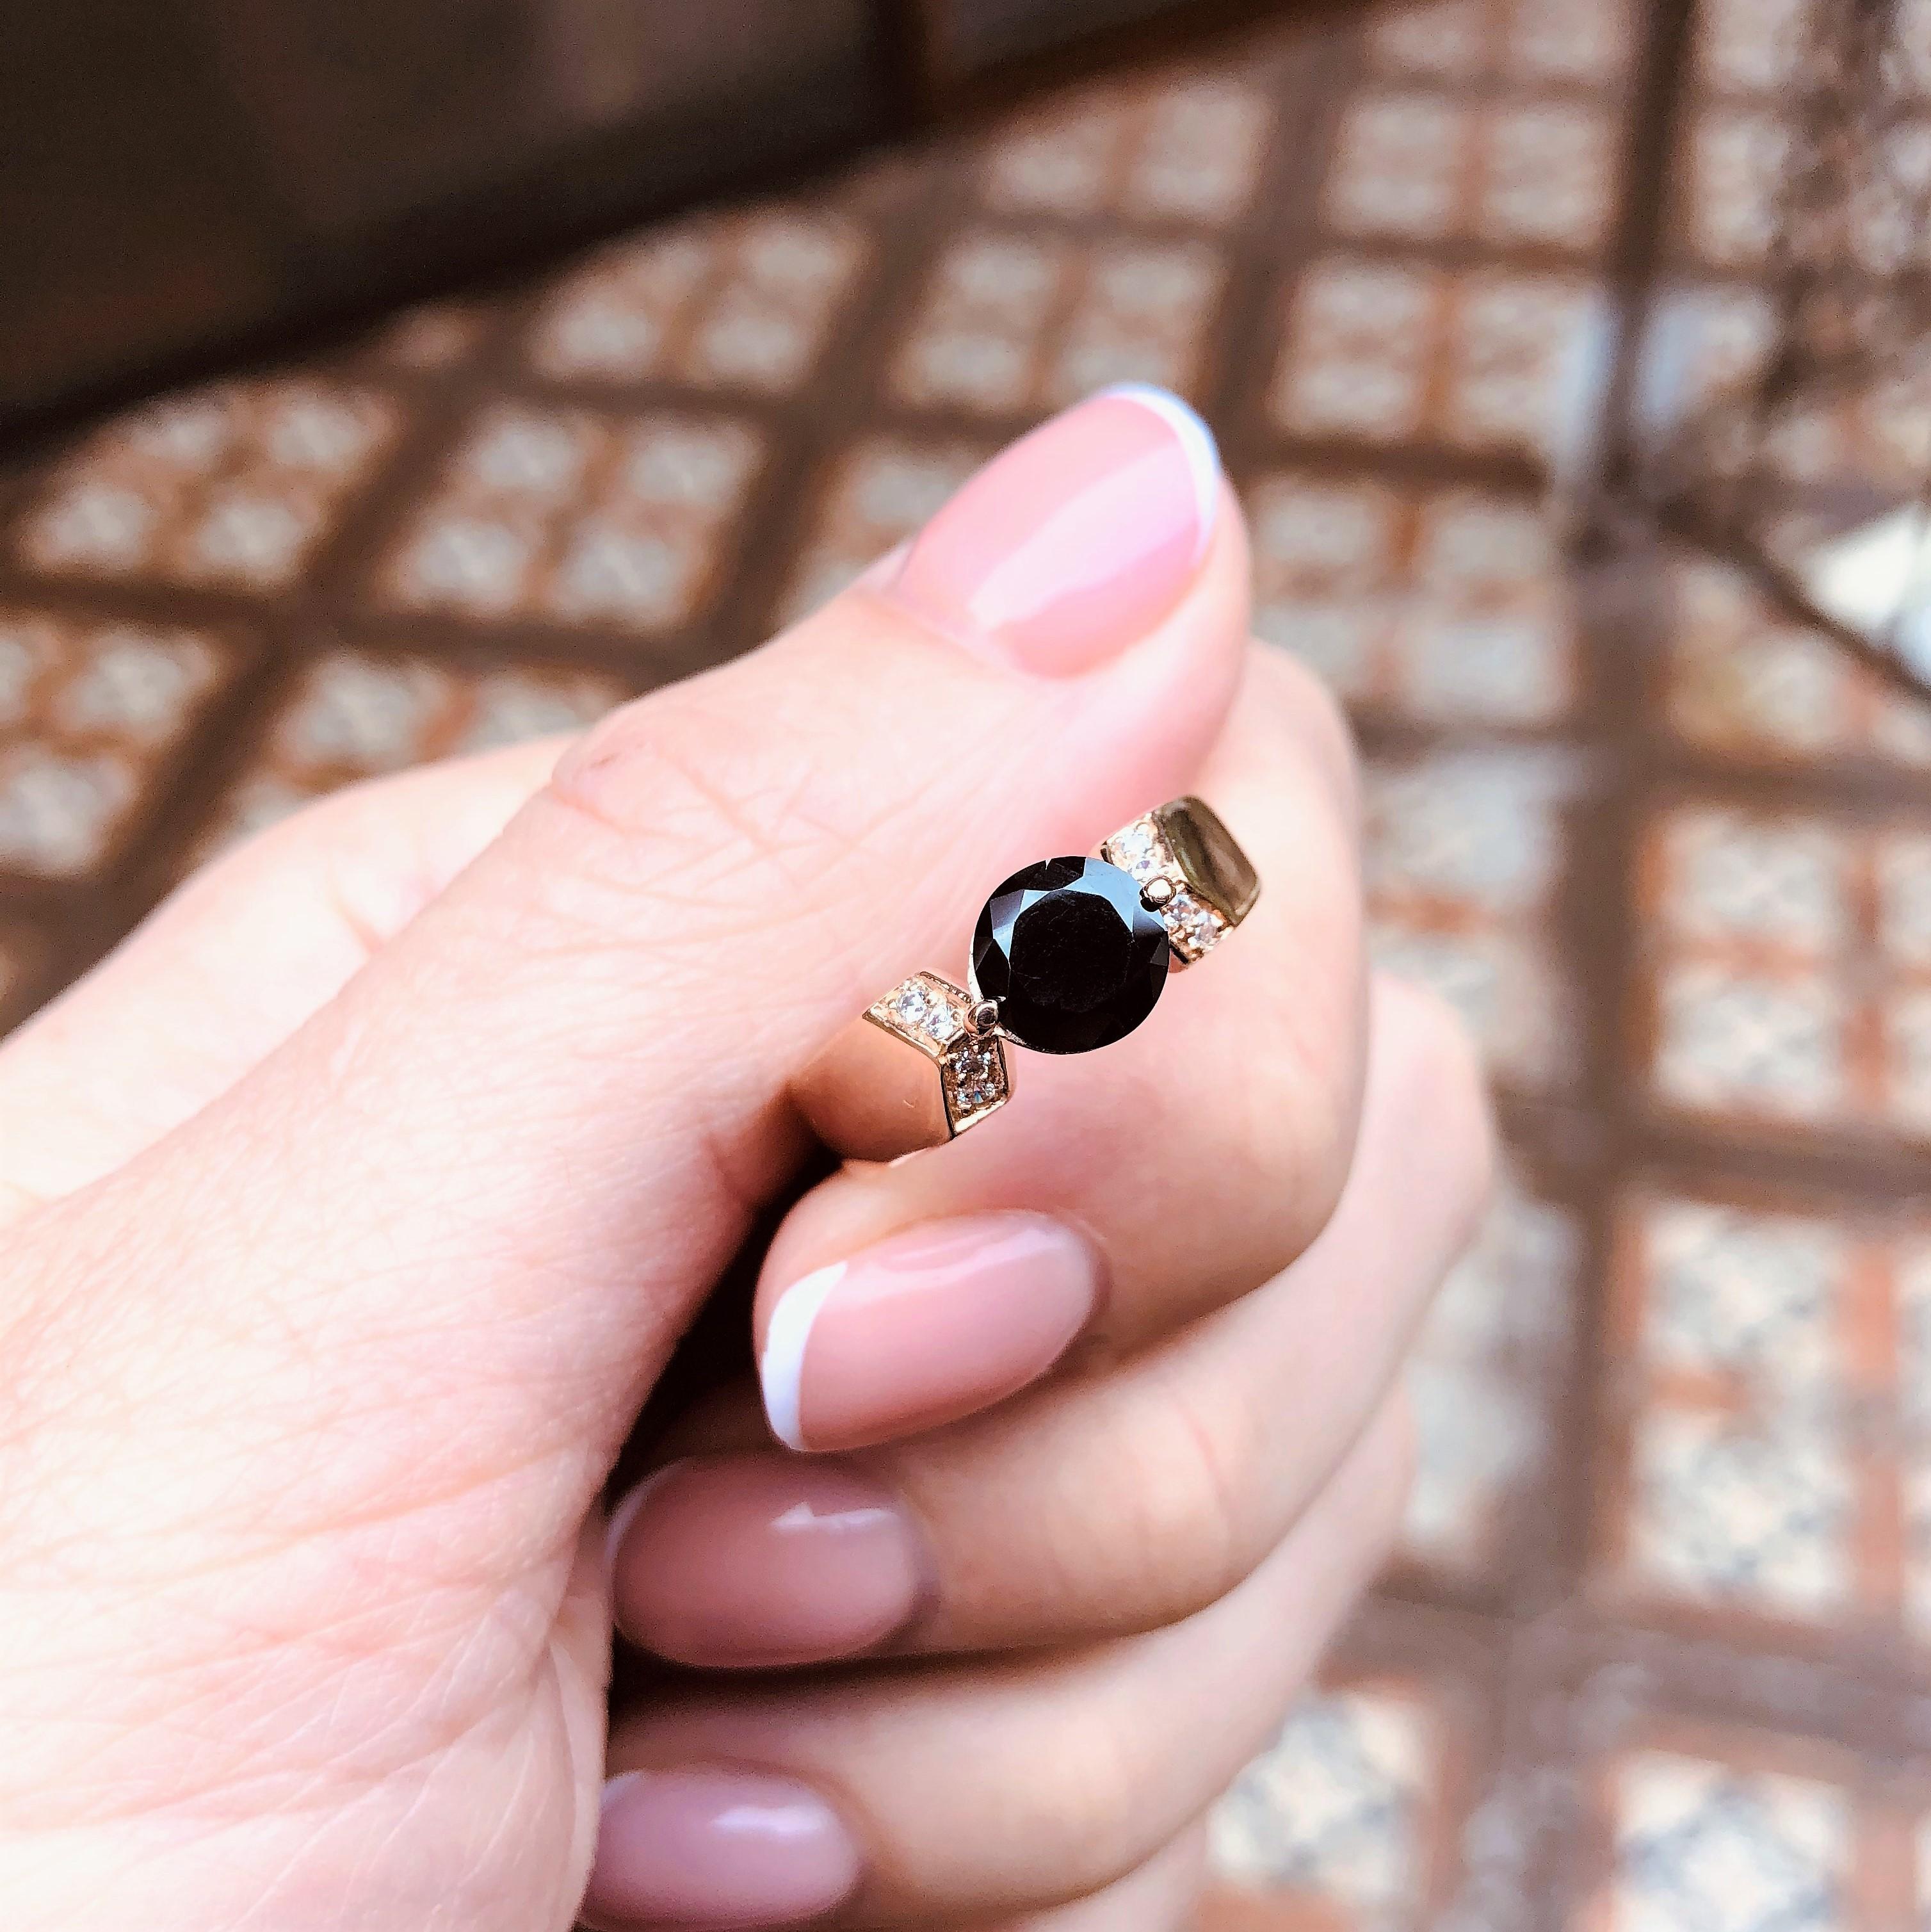 Золотое кольцо с черным камнем по оптовым ценам напрямую от производителя